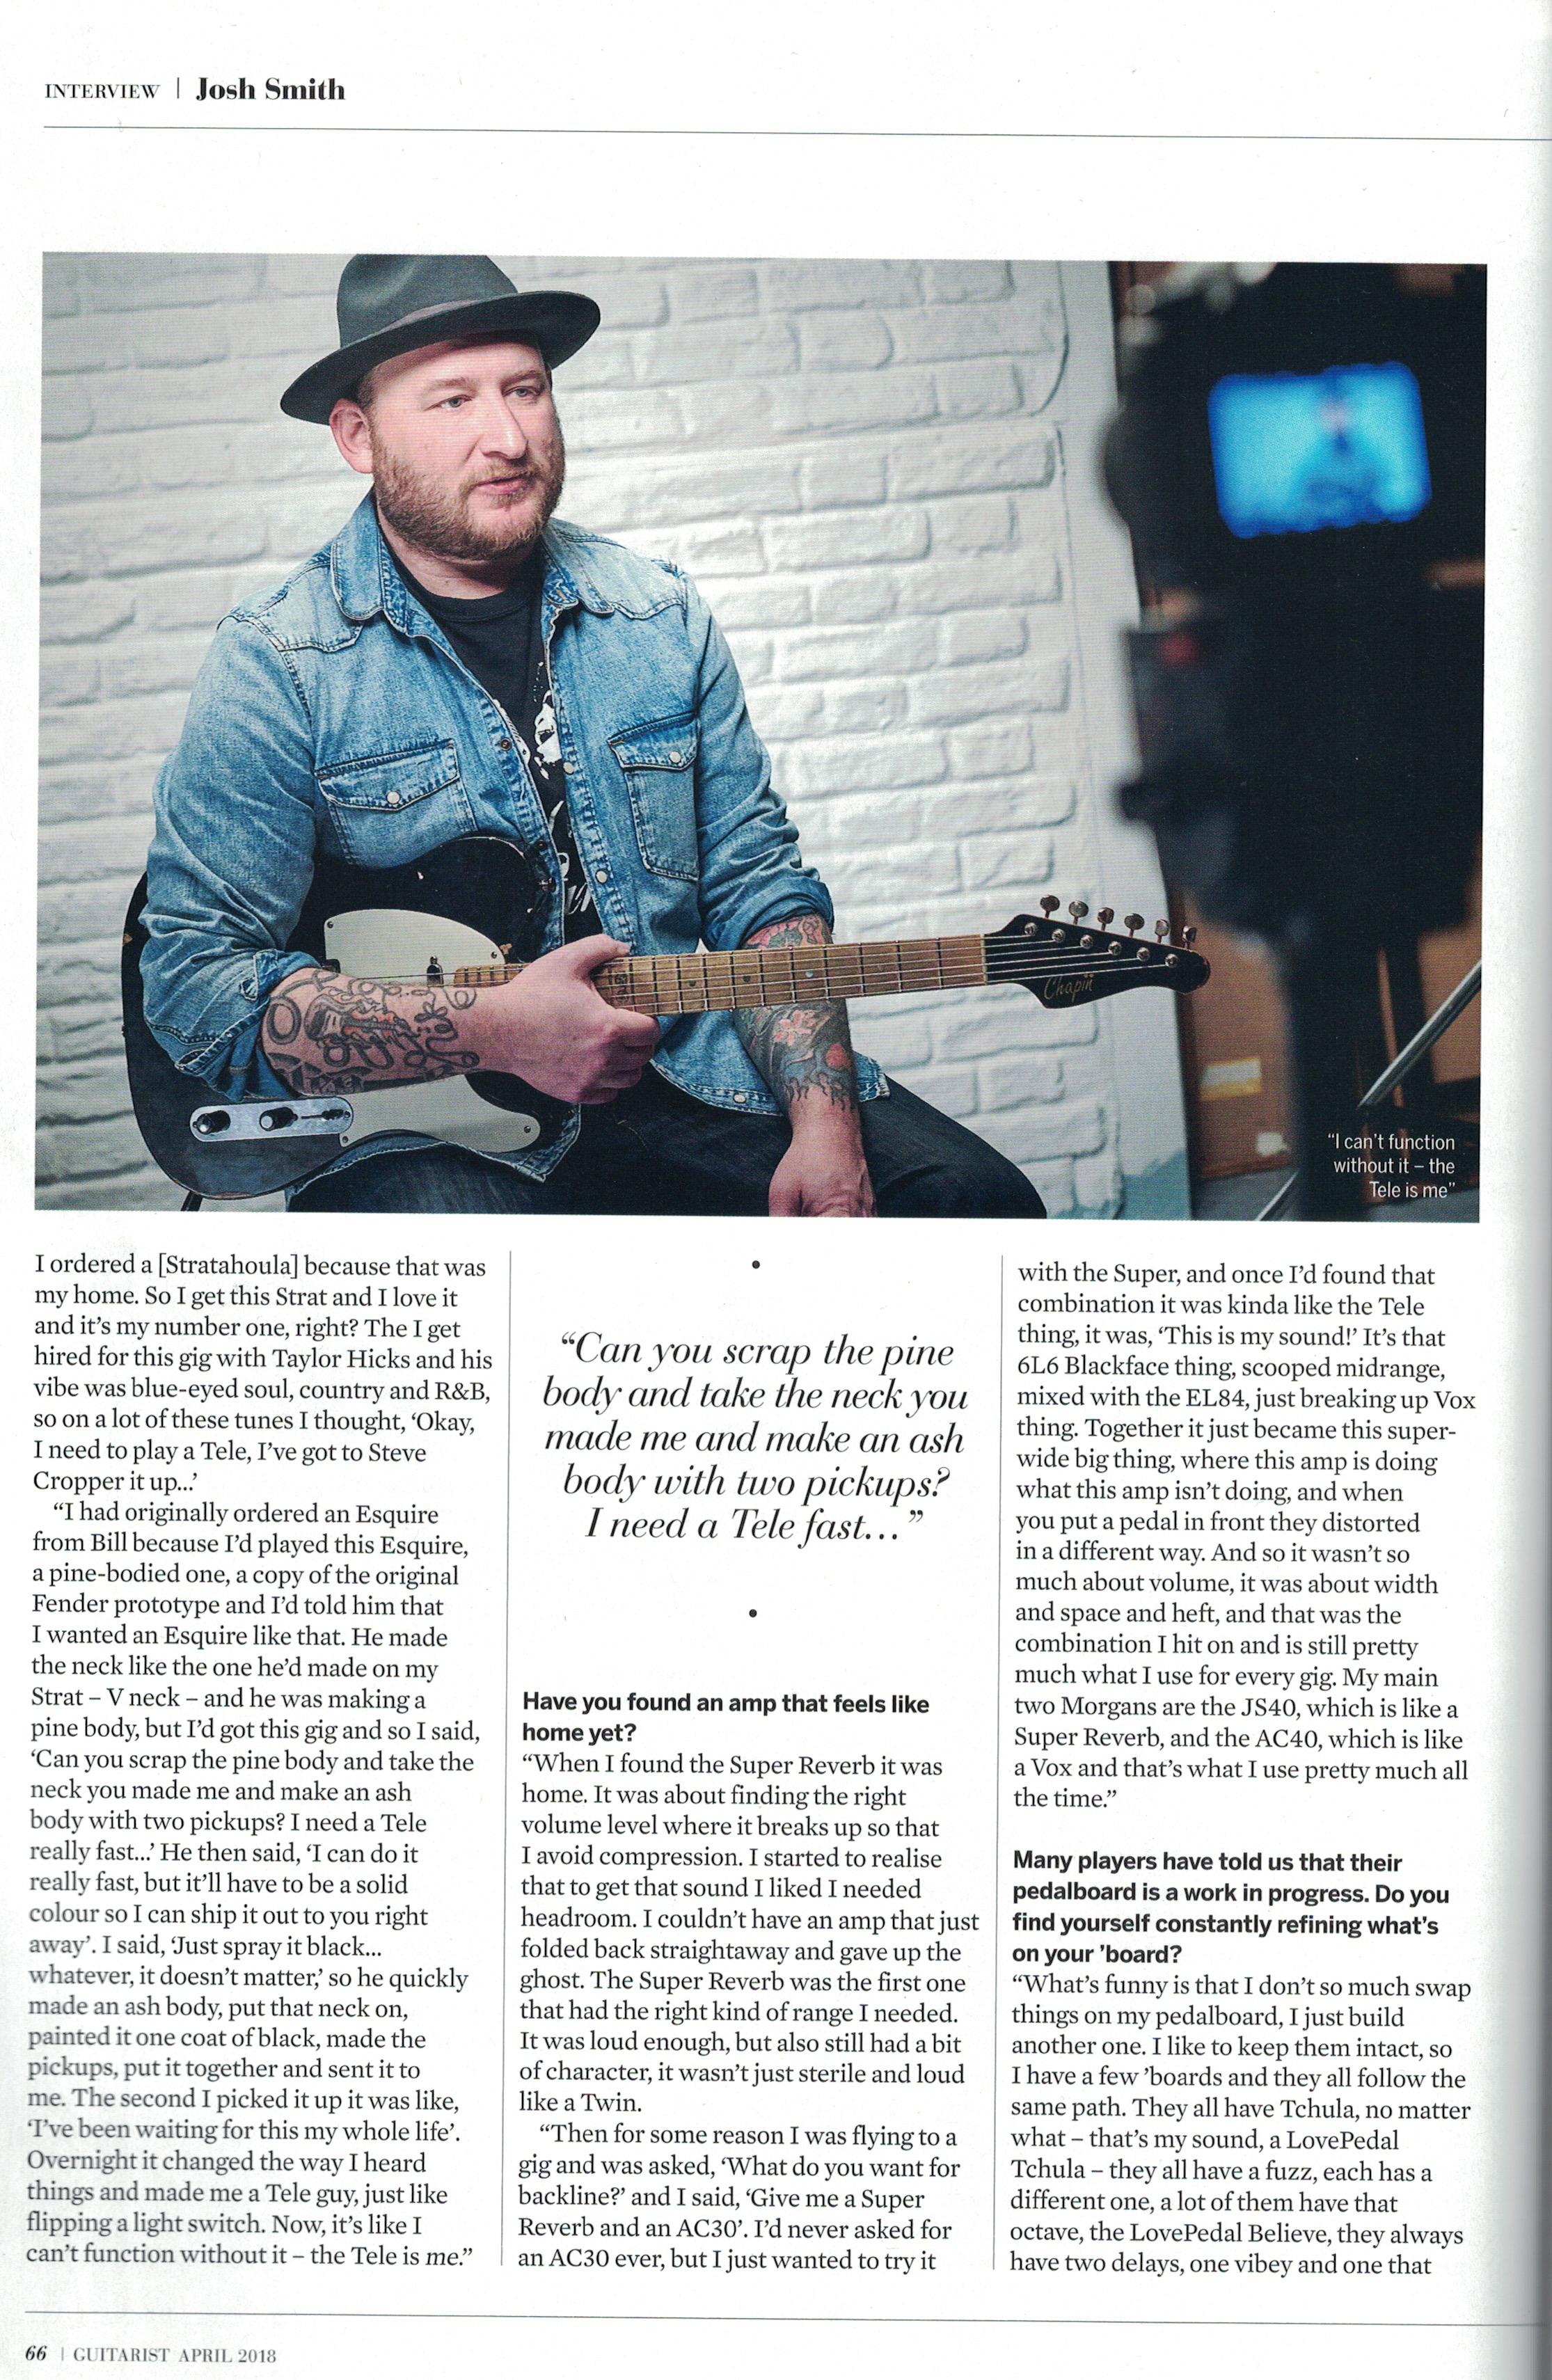 Guitarist page 3.jpeg